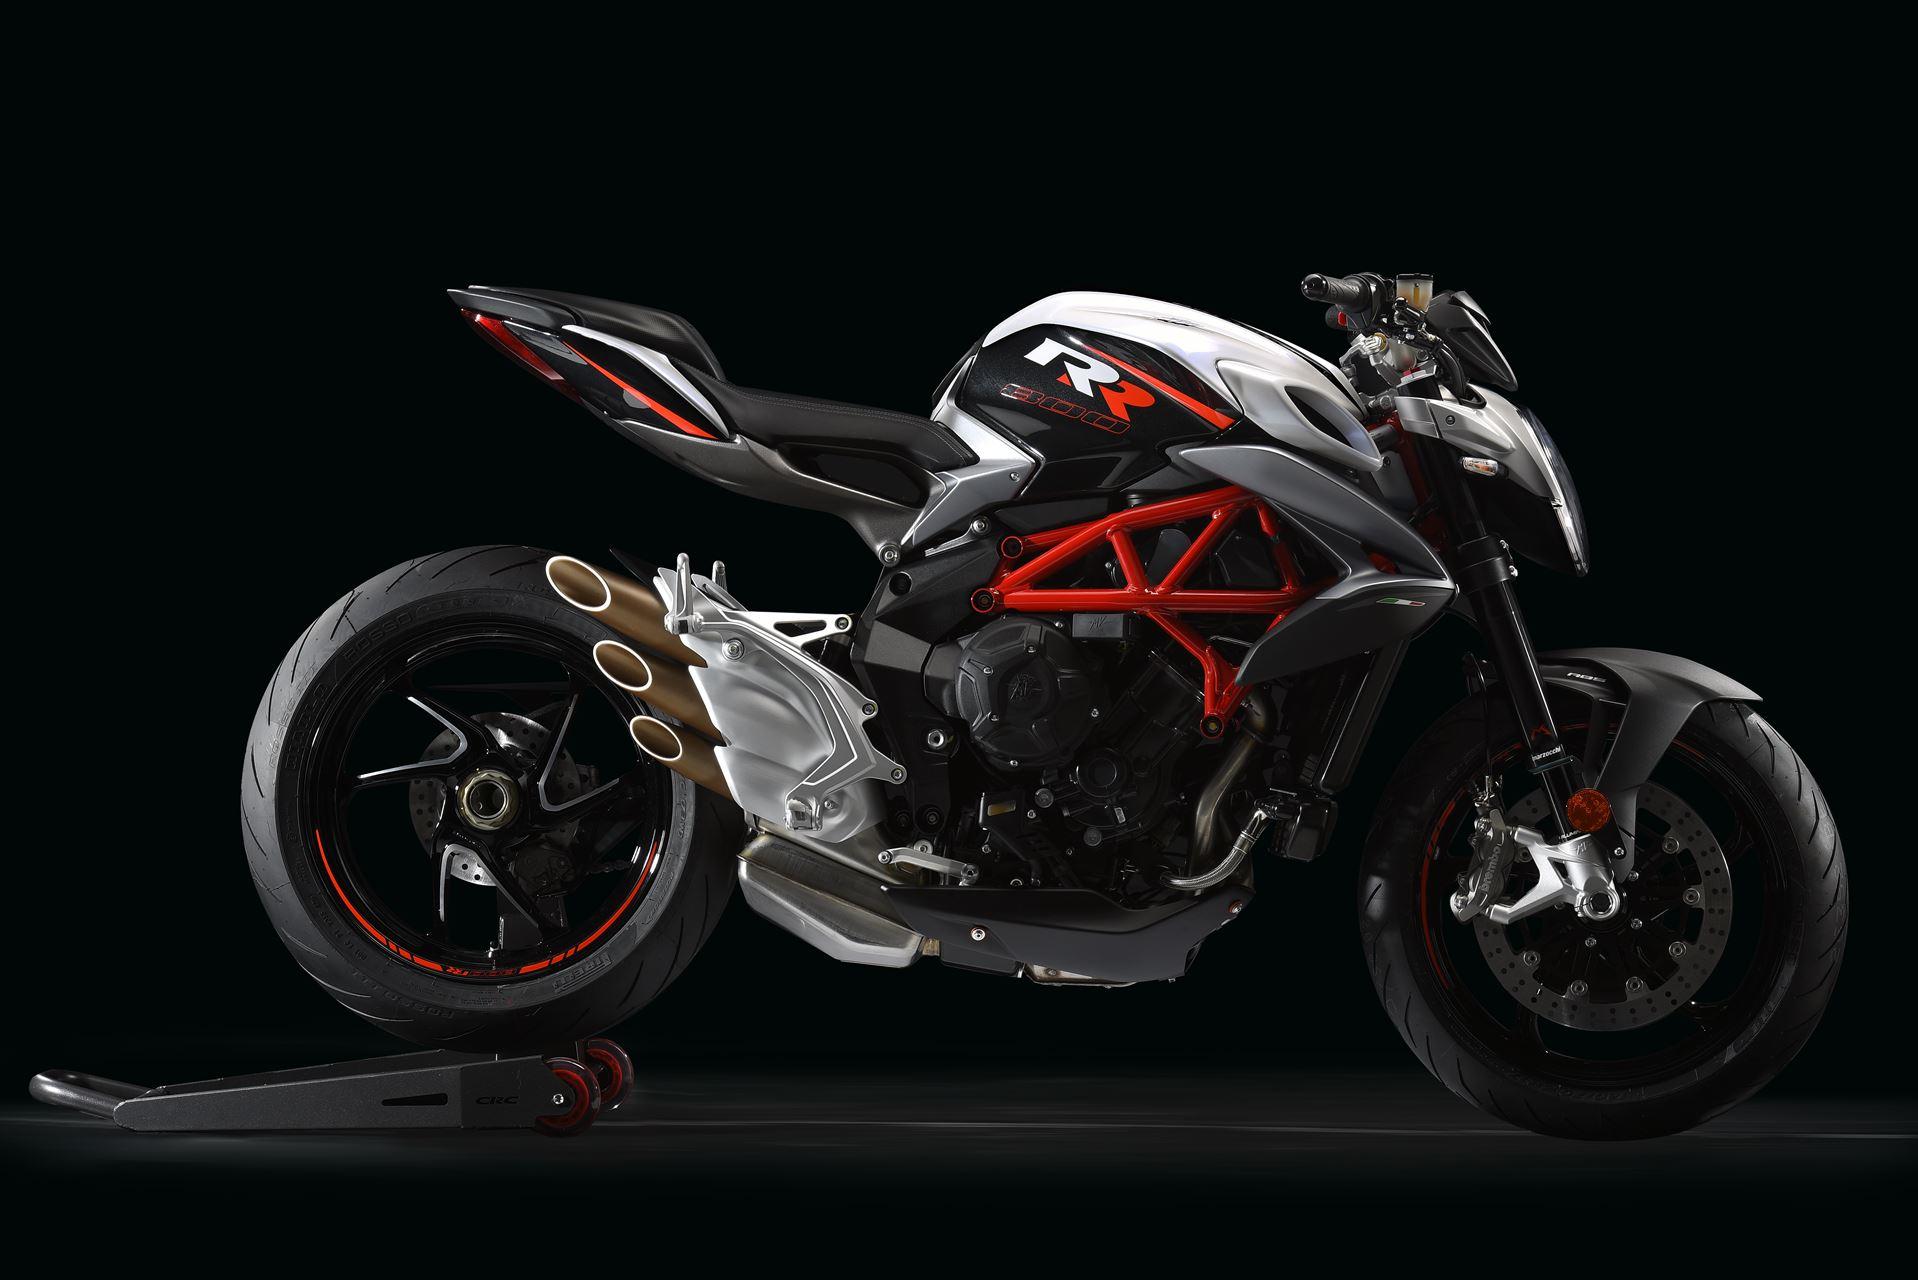 mv agusta brutale 800 rr moto naked andar de moto. Black Bedroom Furniture Sets. Home Design Ideas